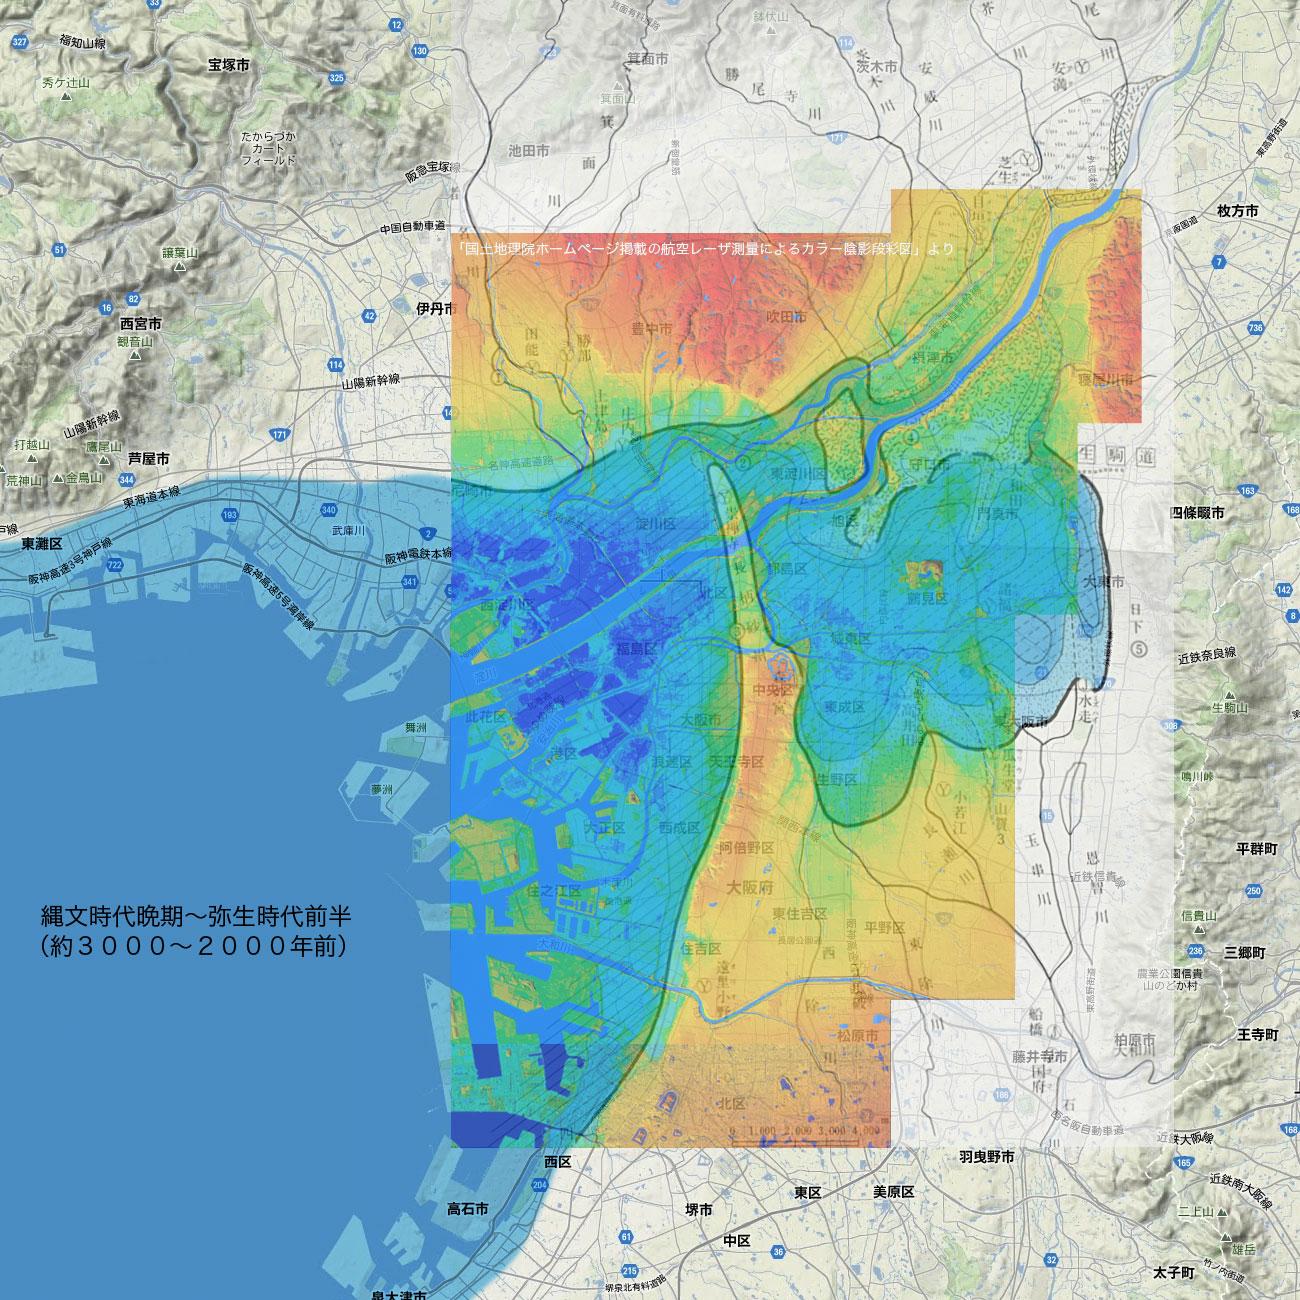 十三のいま昔を歩こう : アース ... : 日本の平野 地図 : 日本